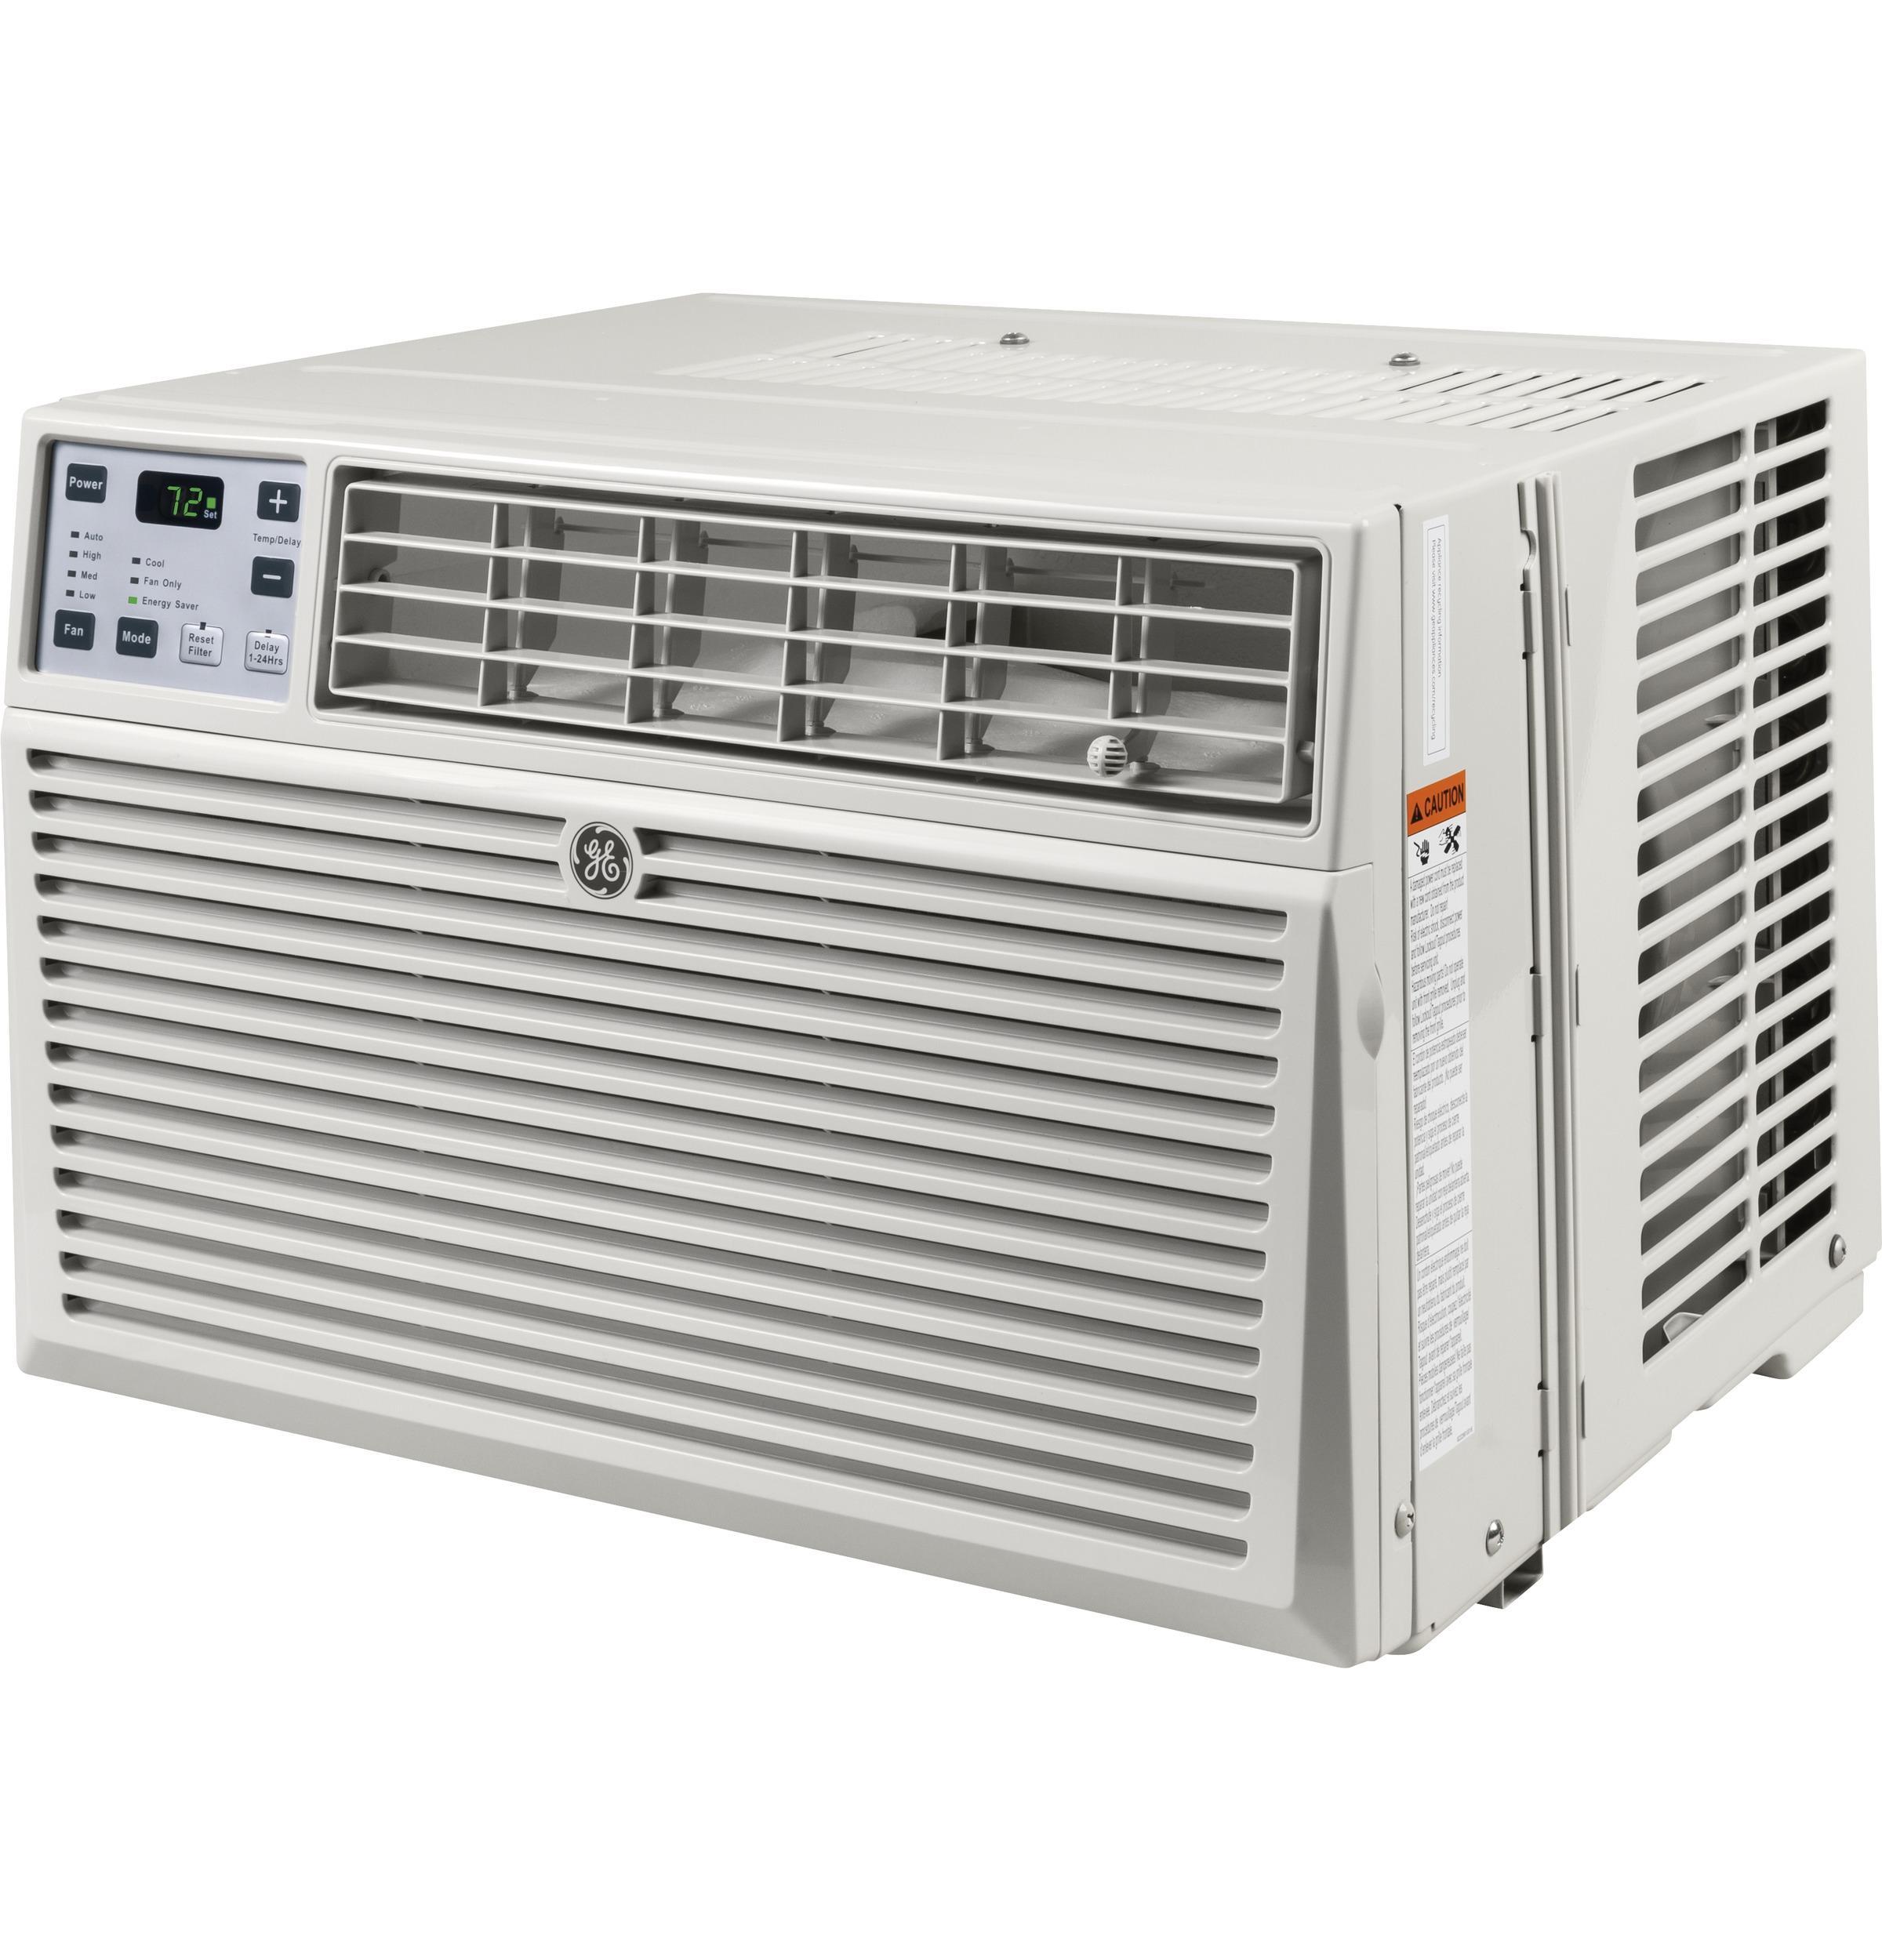 General Electric Aem05lv 5 200 Btu Room Air Conditioner